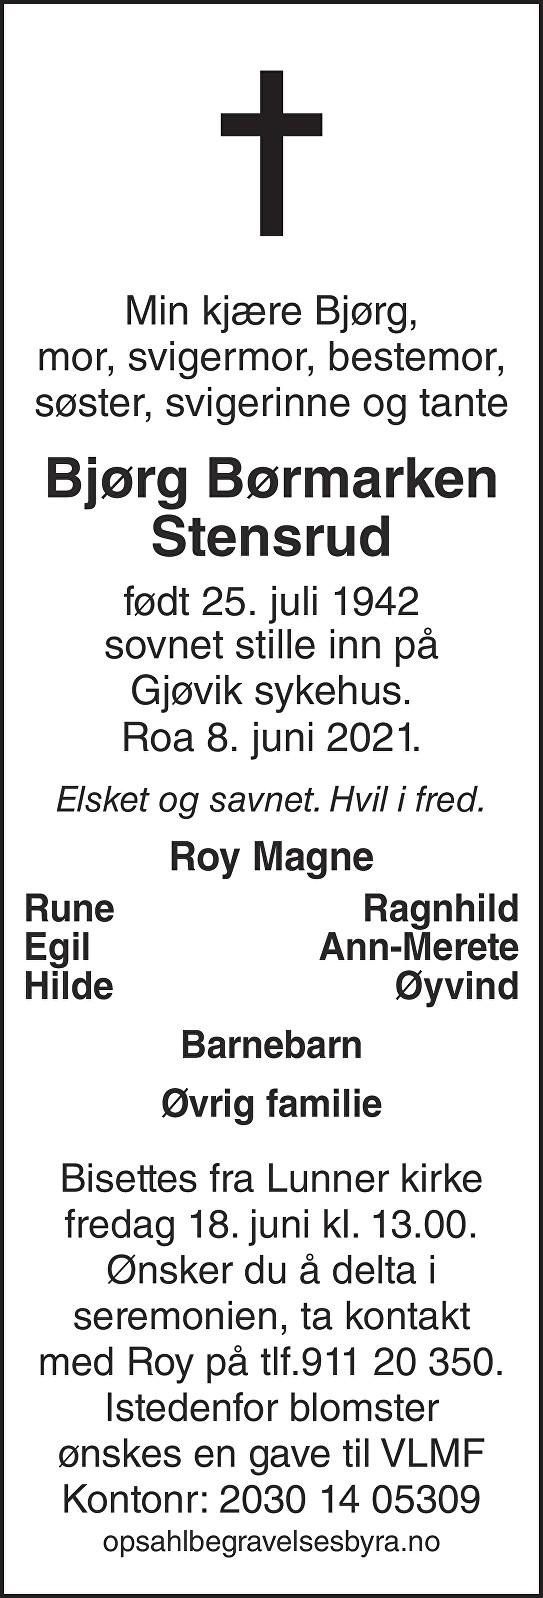 Bjørg Børmarken Stensrud Dødsannonse